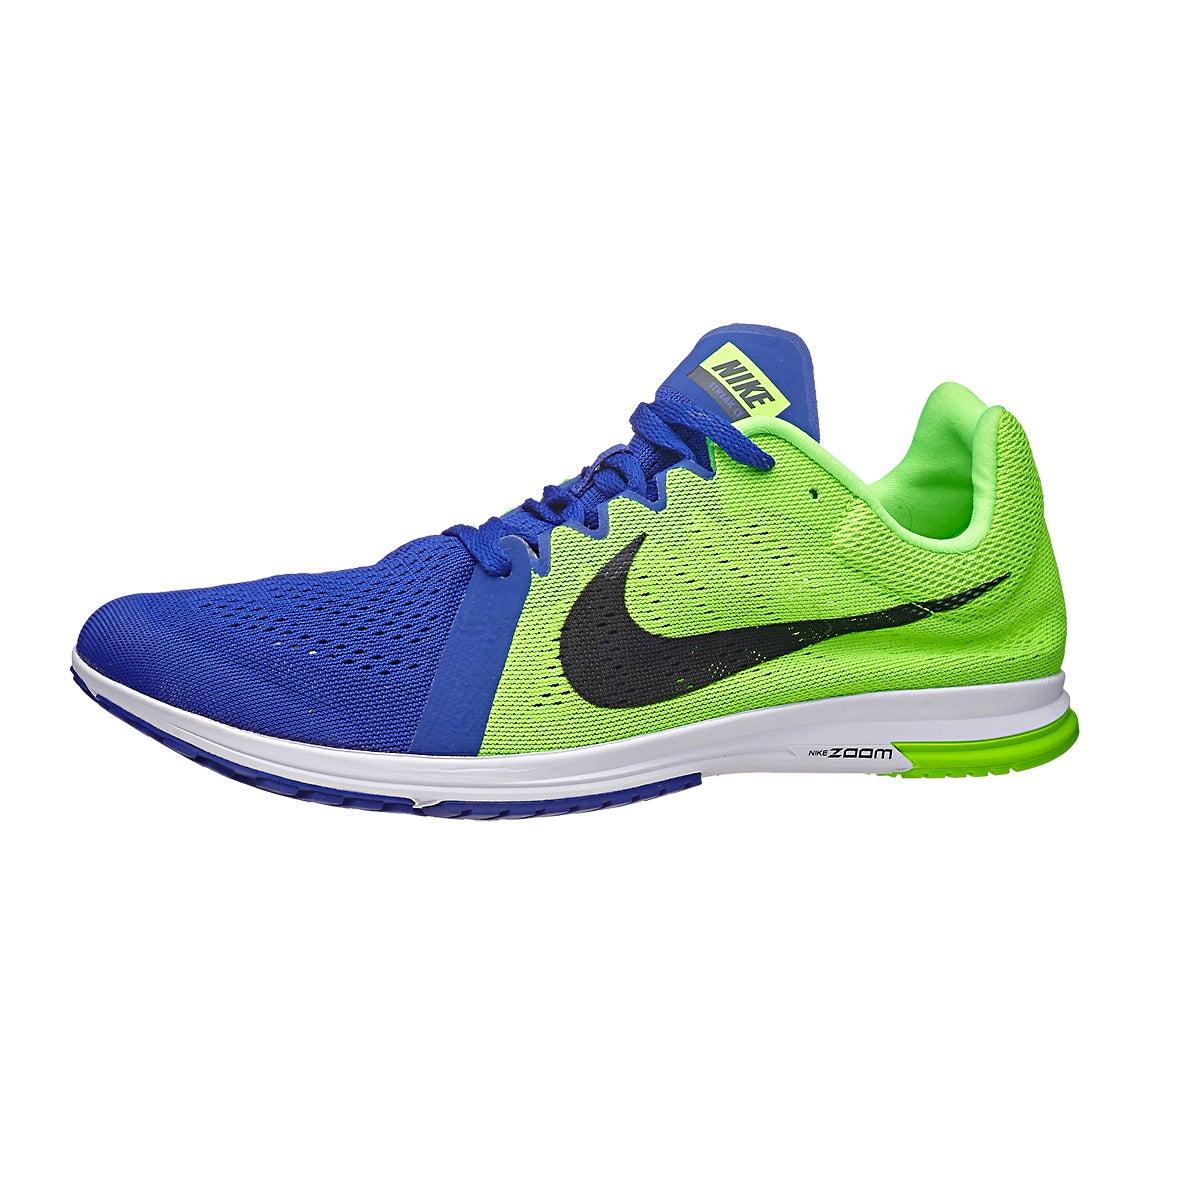 a1f6a6809f40 Nike Zoom Streak Xc 2 Green Cheap